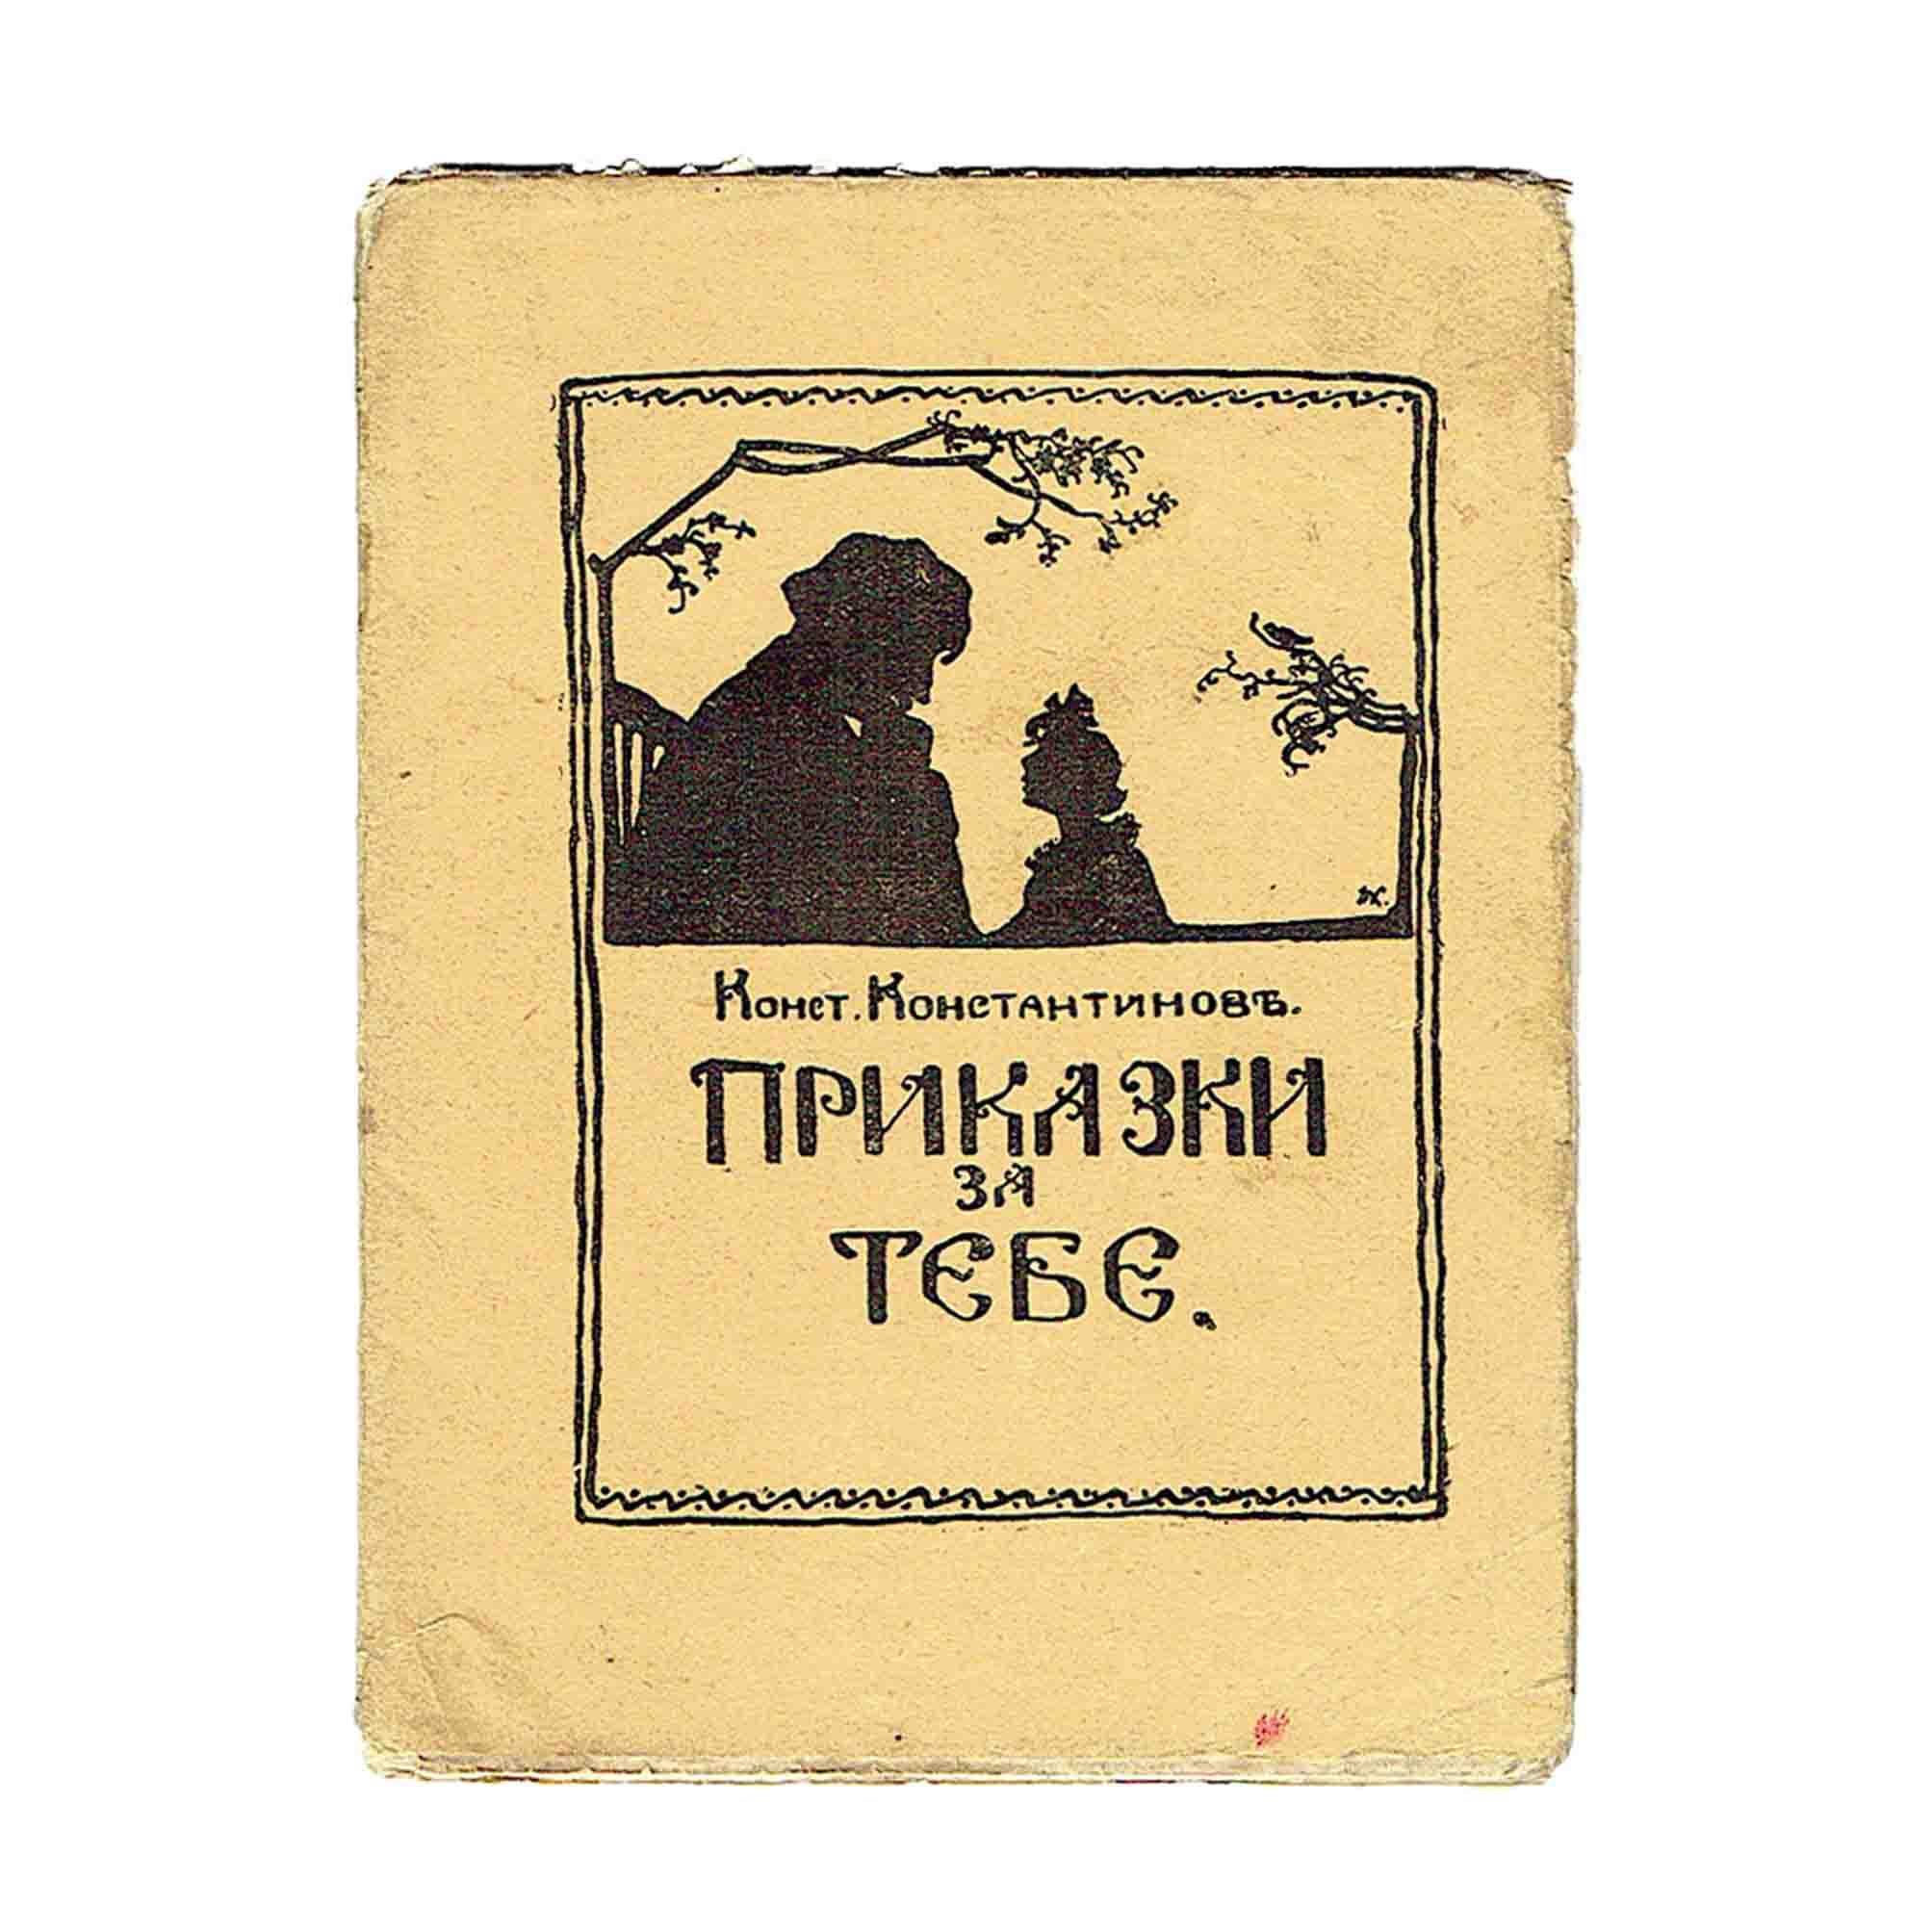 5229-Konstantinov-Prikazi-1929-Umschlag-recto-frei-N.jpeg